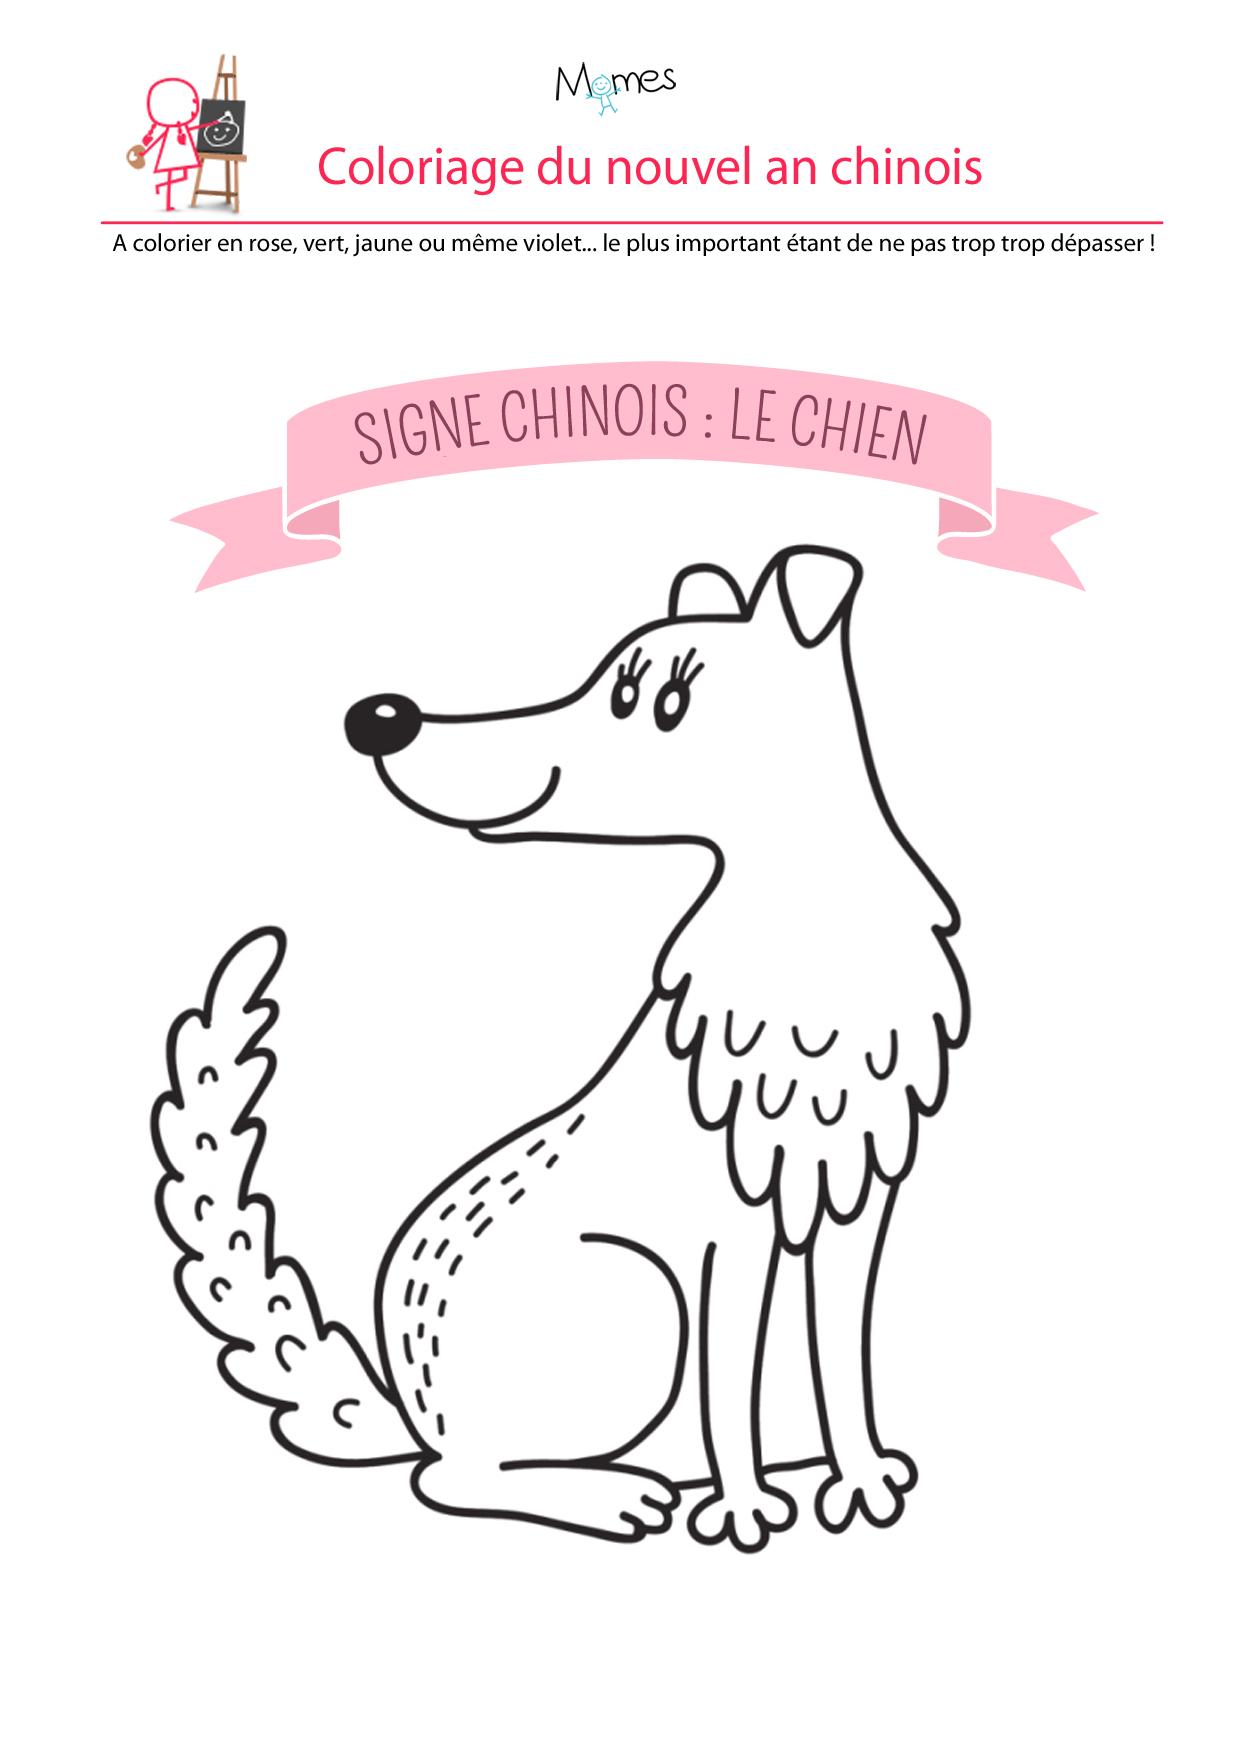 Coloriage du calendrier chinois : le chien